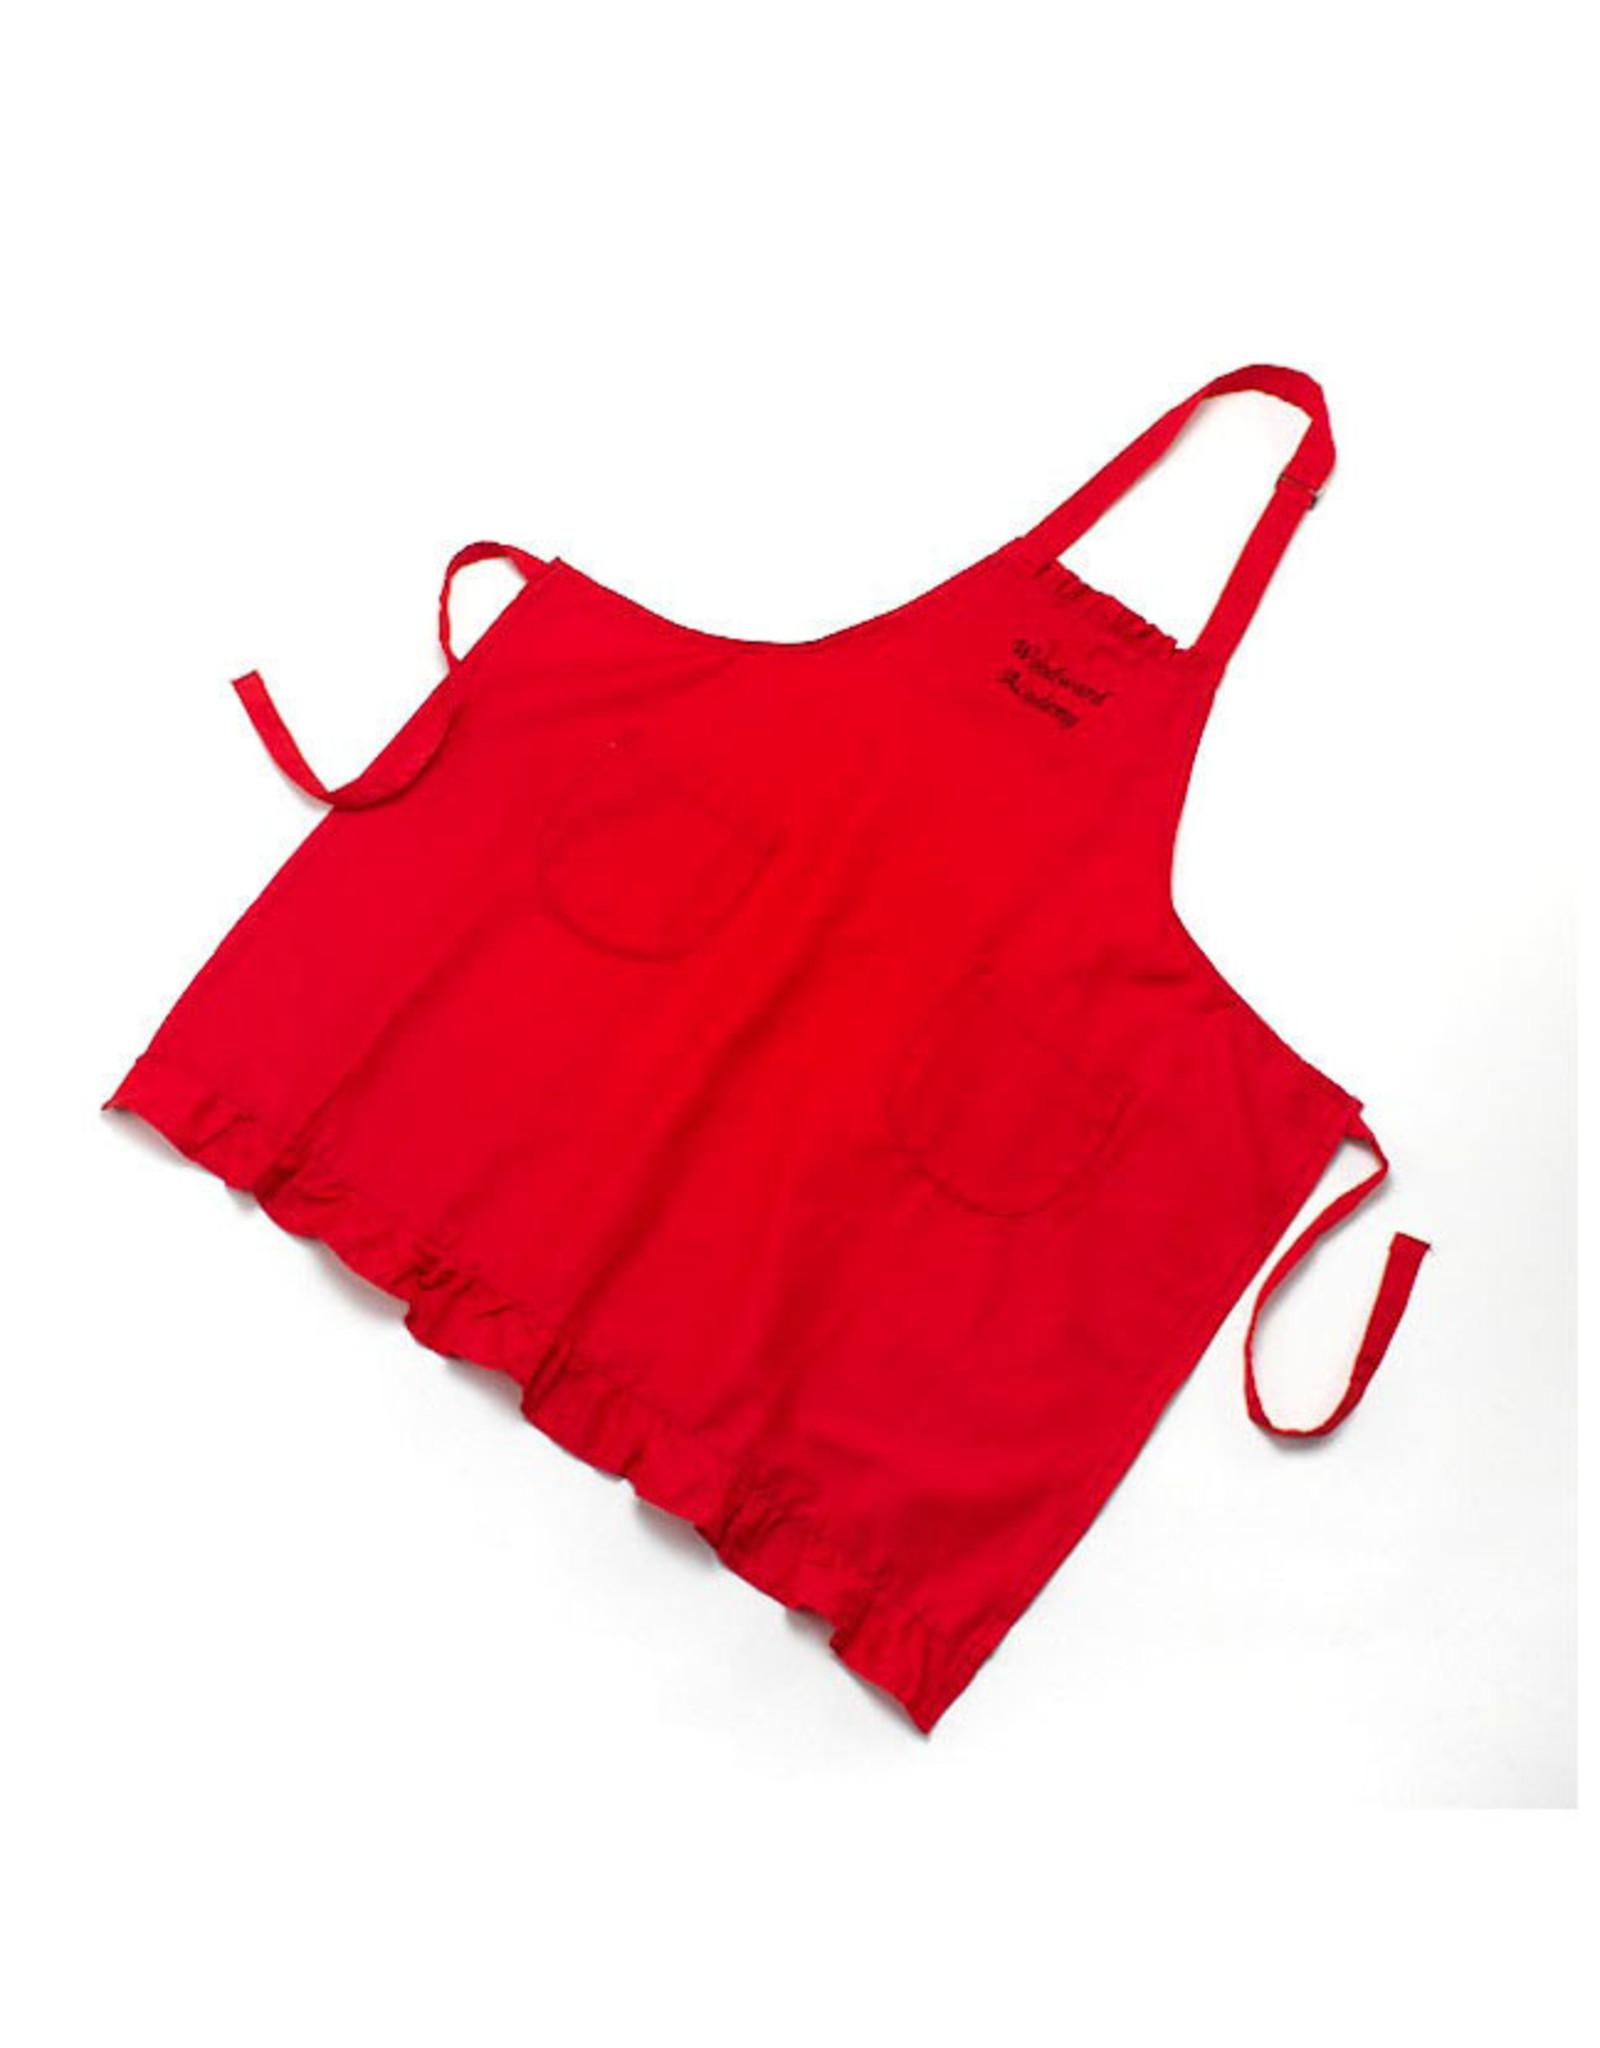 Handmade Vendor SALE APRON RED